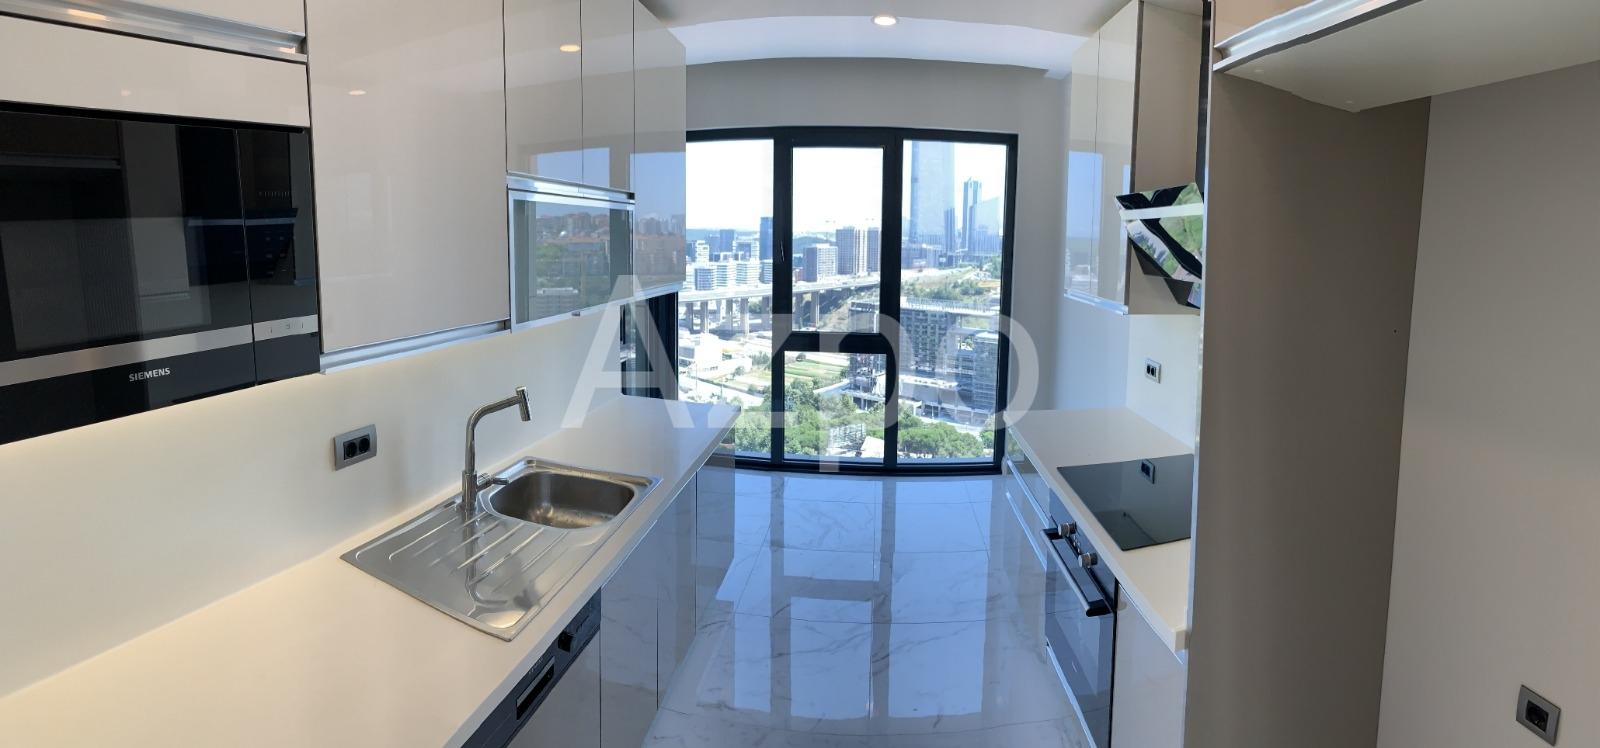 Квартиры различных планировок в новом жилом комплексе - Фото 4